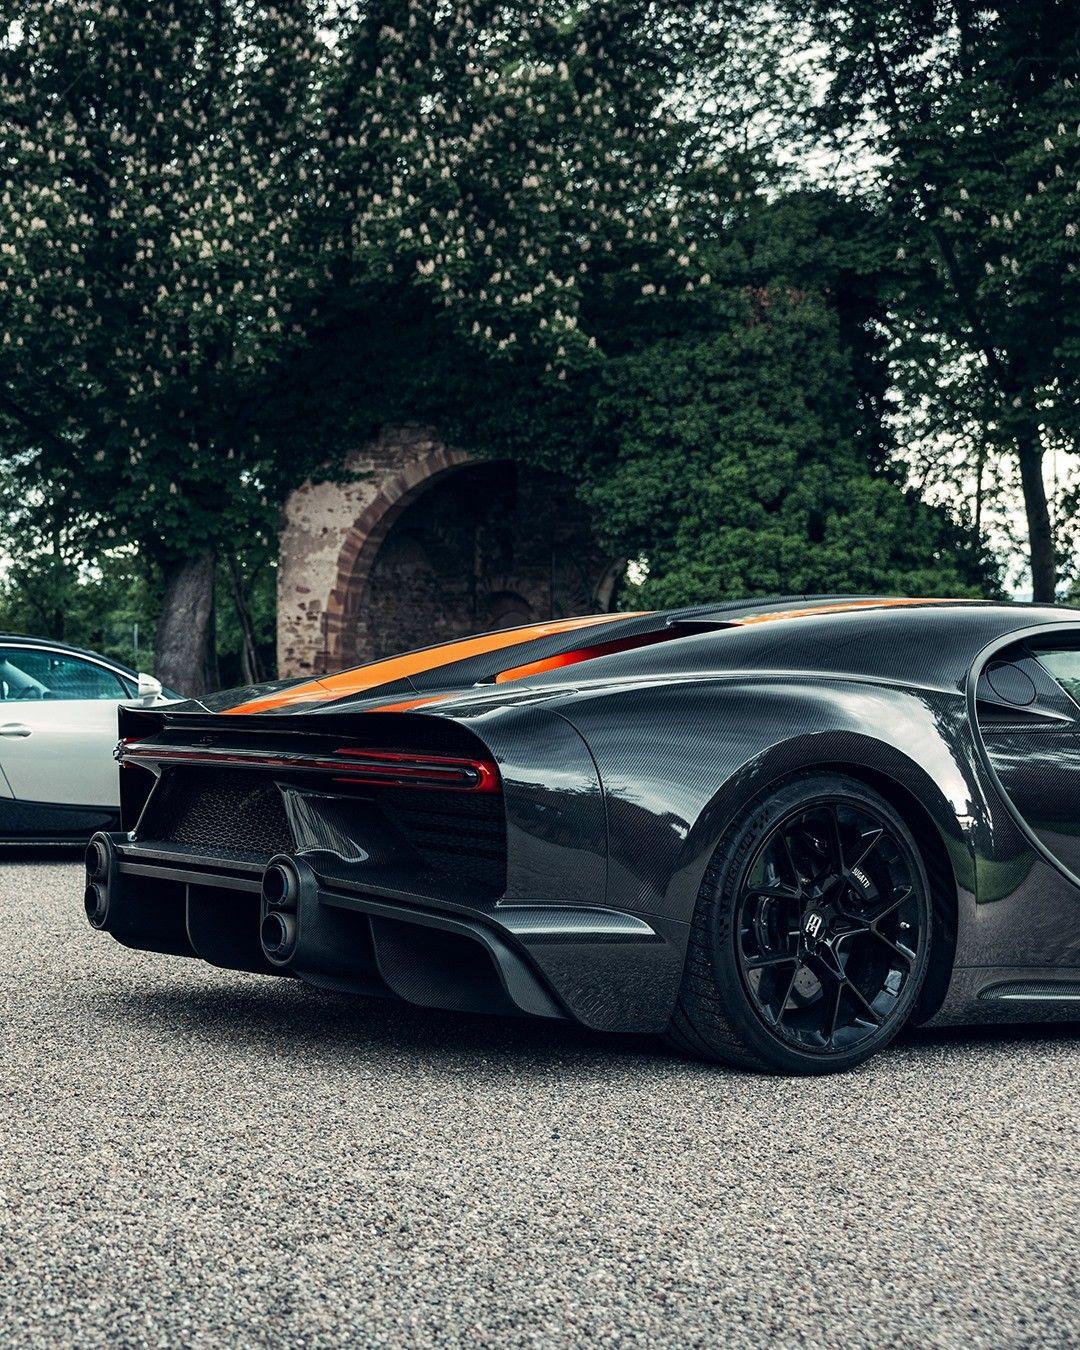 布加迪或将推出全新超级跑车